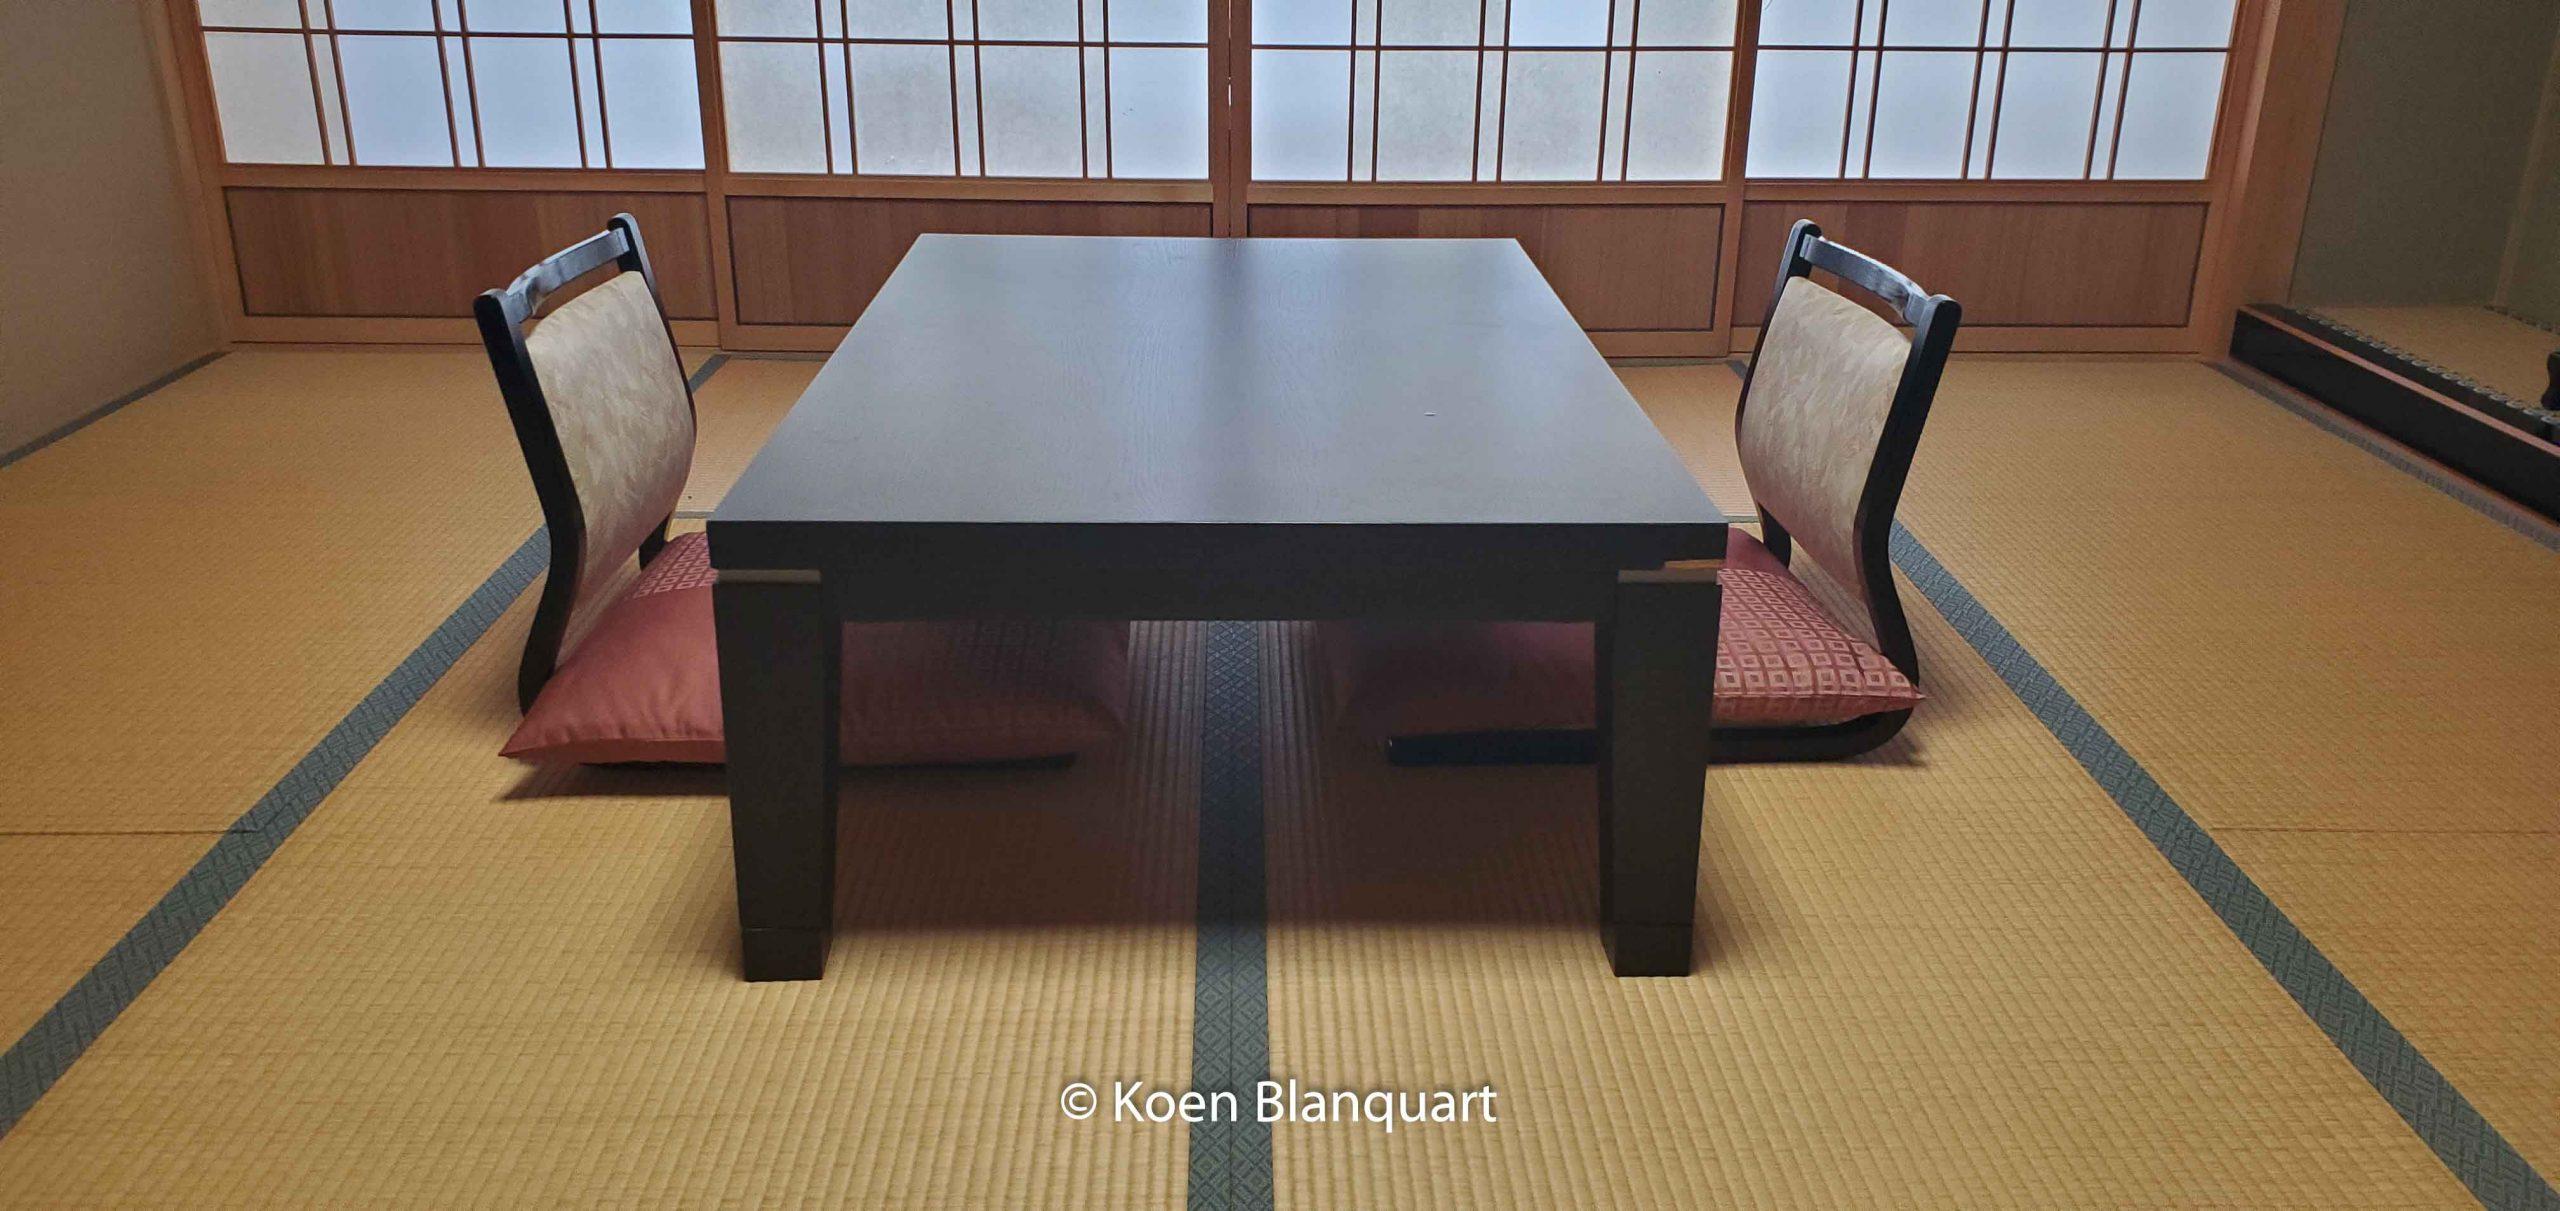 Koen Blanquart Travel to Japan